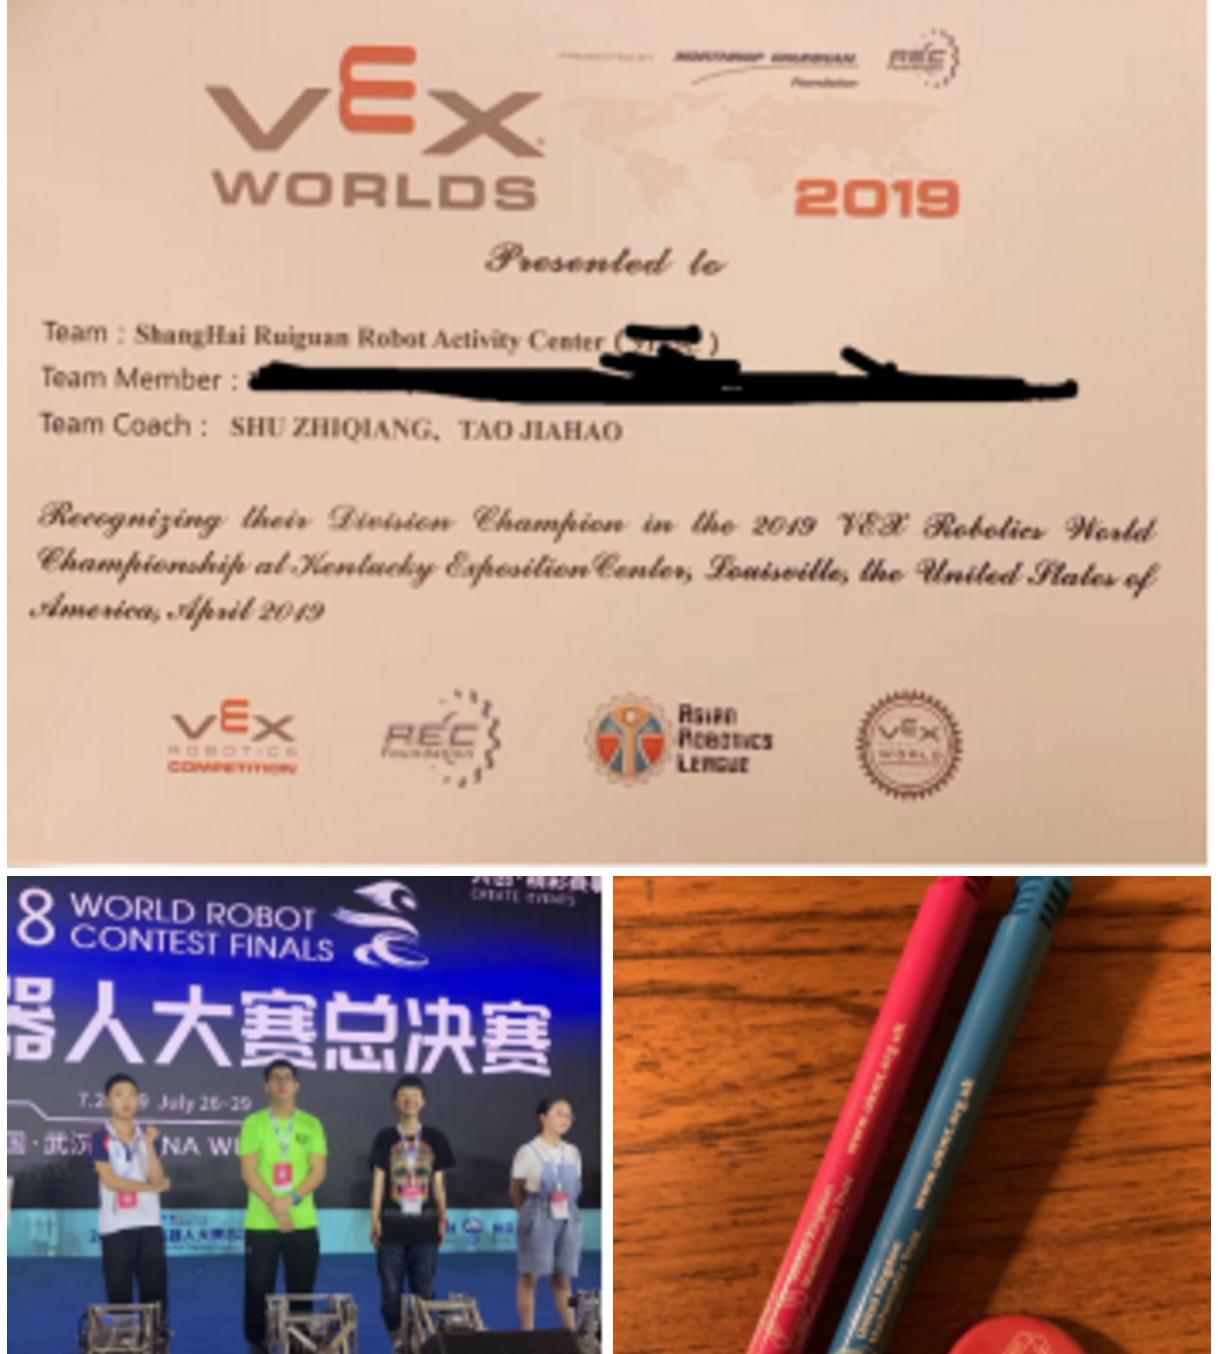 从上海世外转学英国 ,国际学校择校:适合的才是最好的